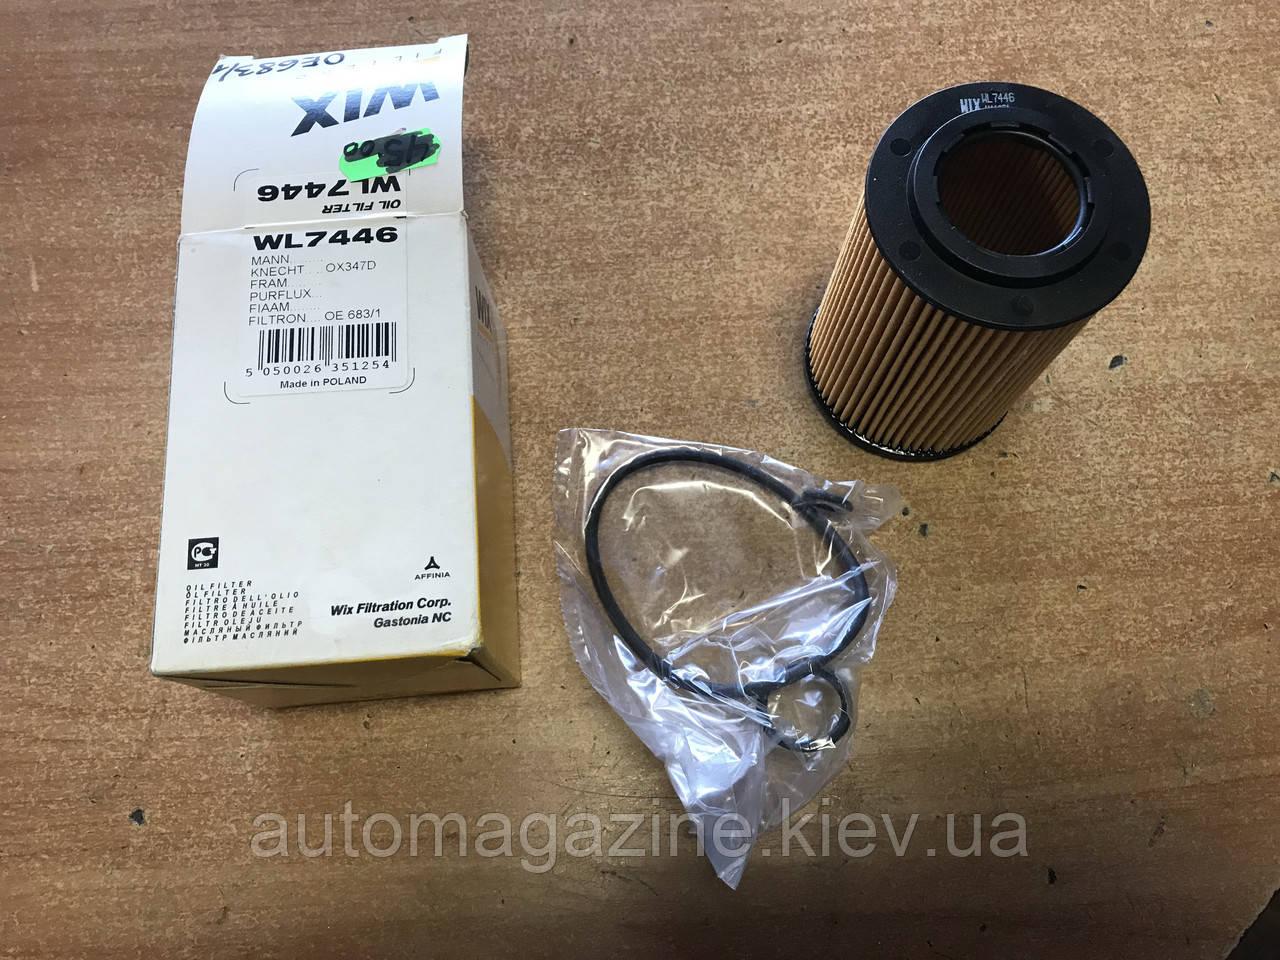 Фильтр масляный WL 7446 (OE683/1)